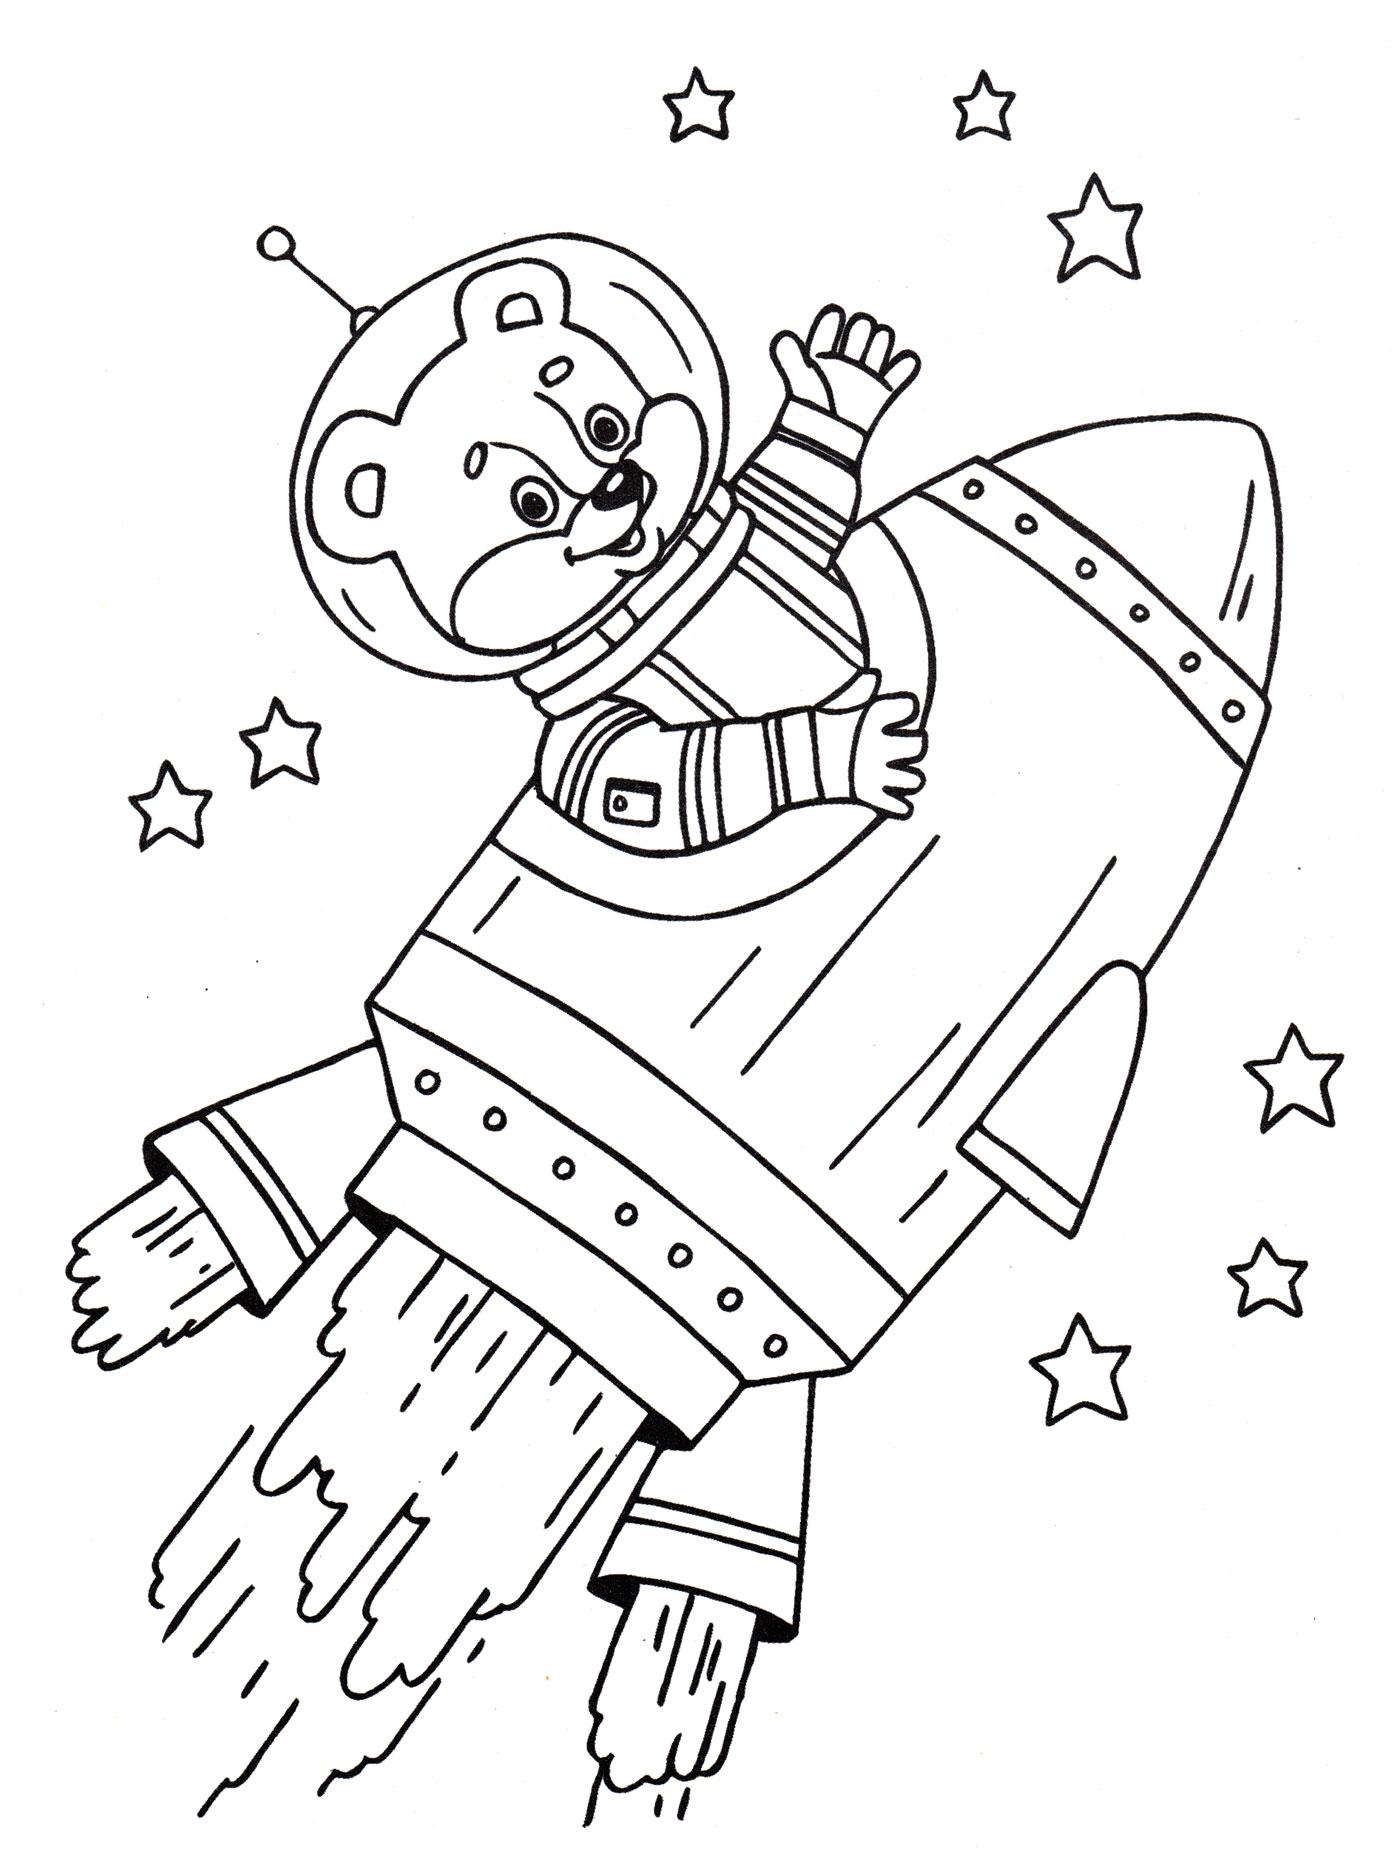 космонавт раскраска в космосе фото которого